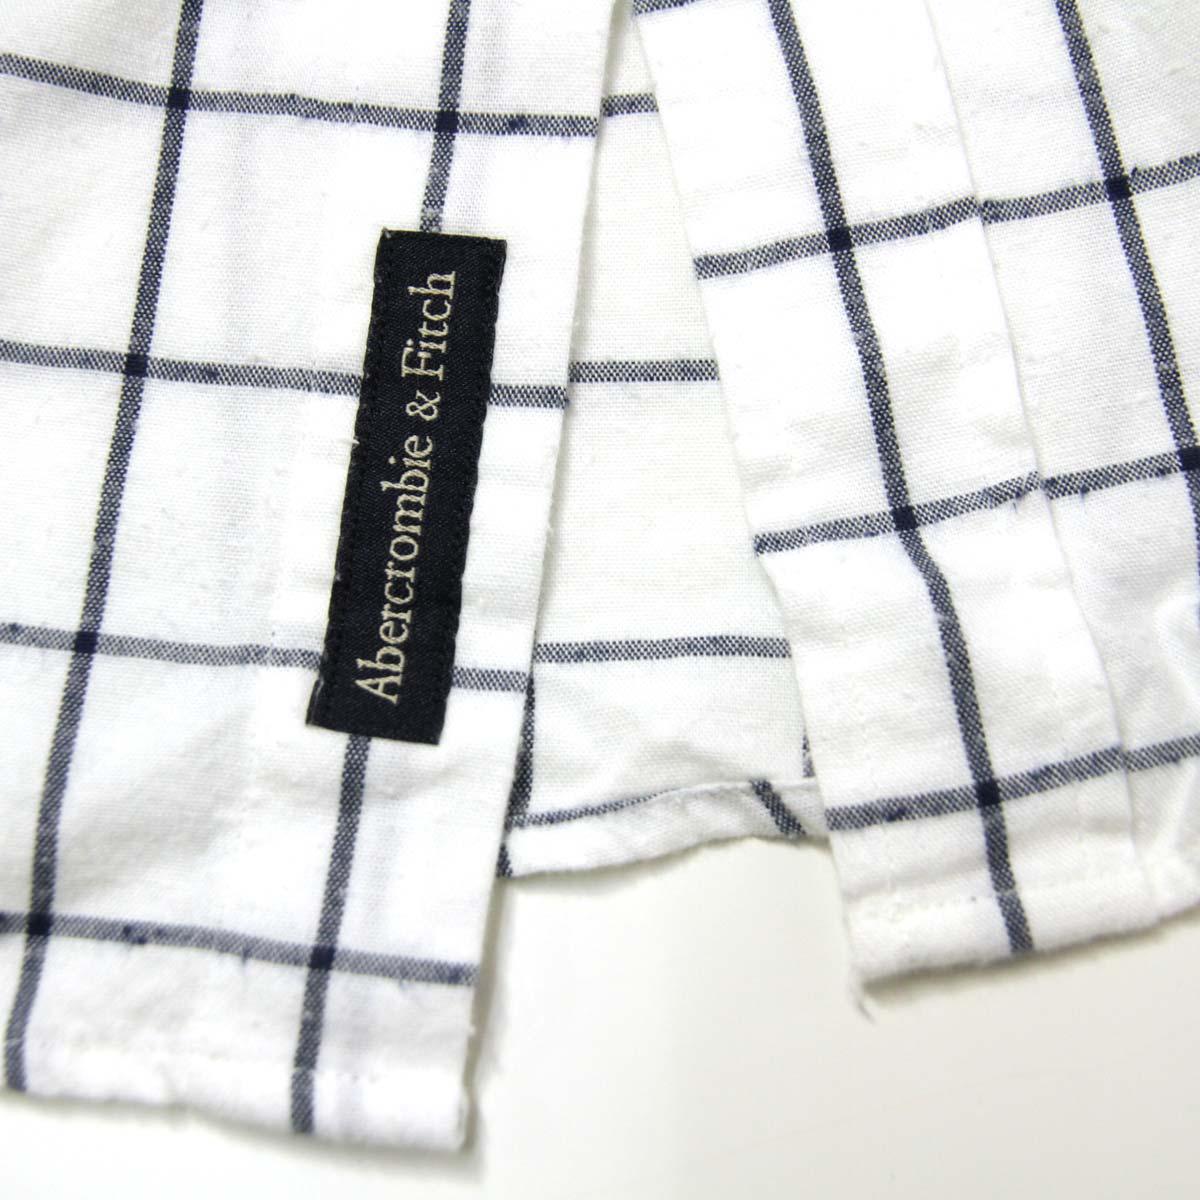 アバクロ Abercrombie&Fitch 正規品 メンズ 長袖シャツ Check Patterned Shirt 125-168-2179-218